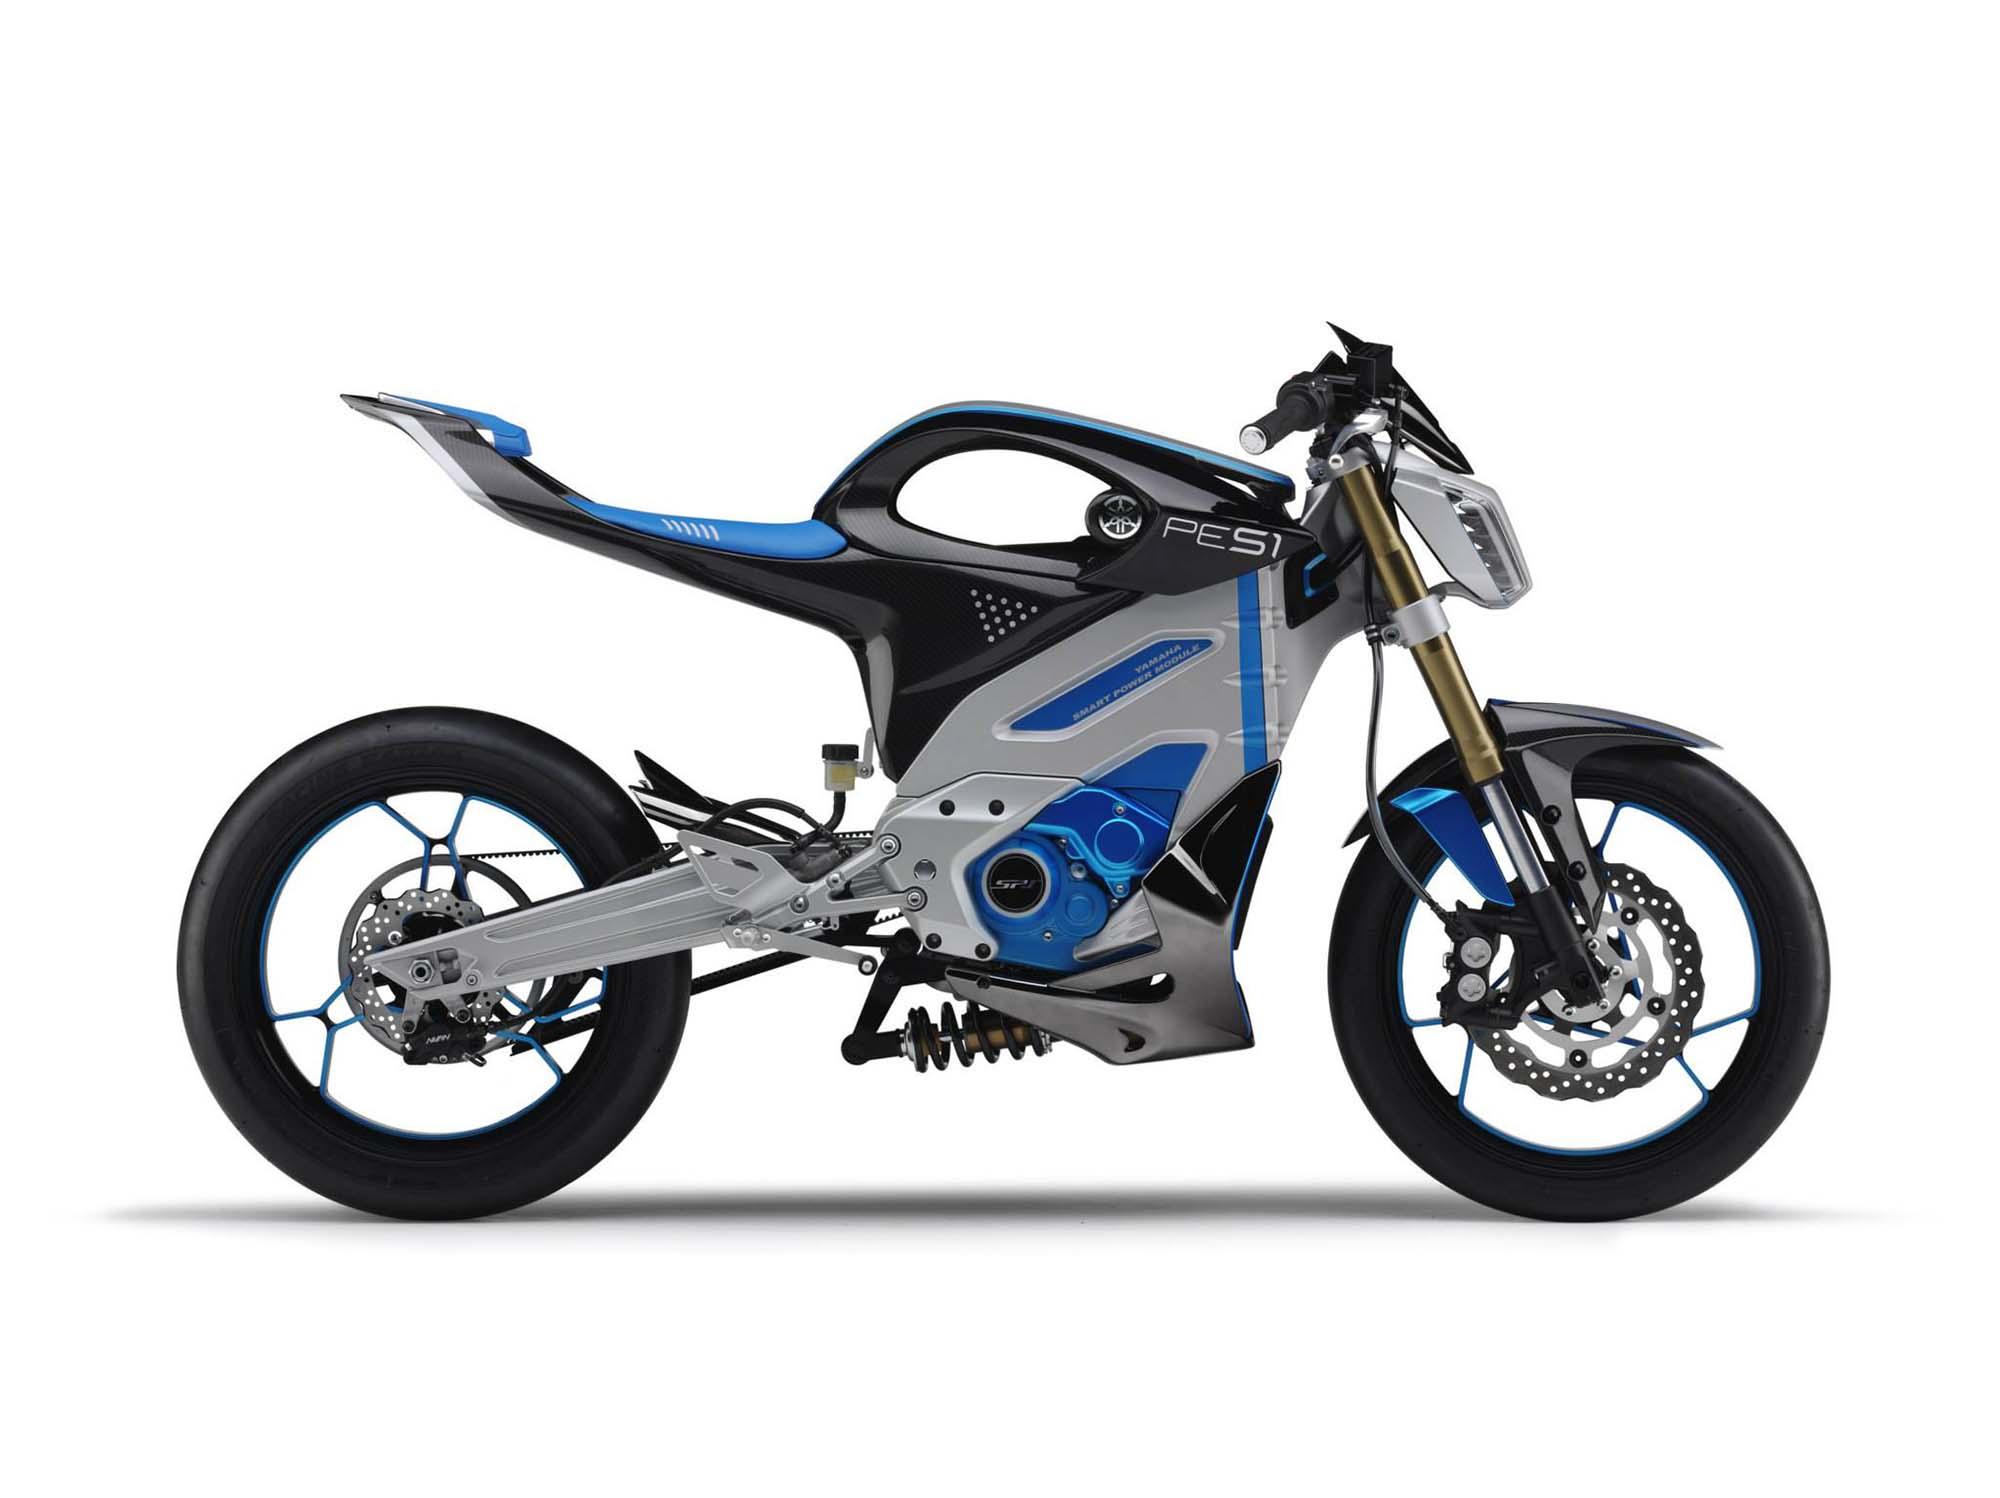 La sportive verte du futur - Page 13 Yamaha-PES1-electric-concept-03